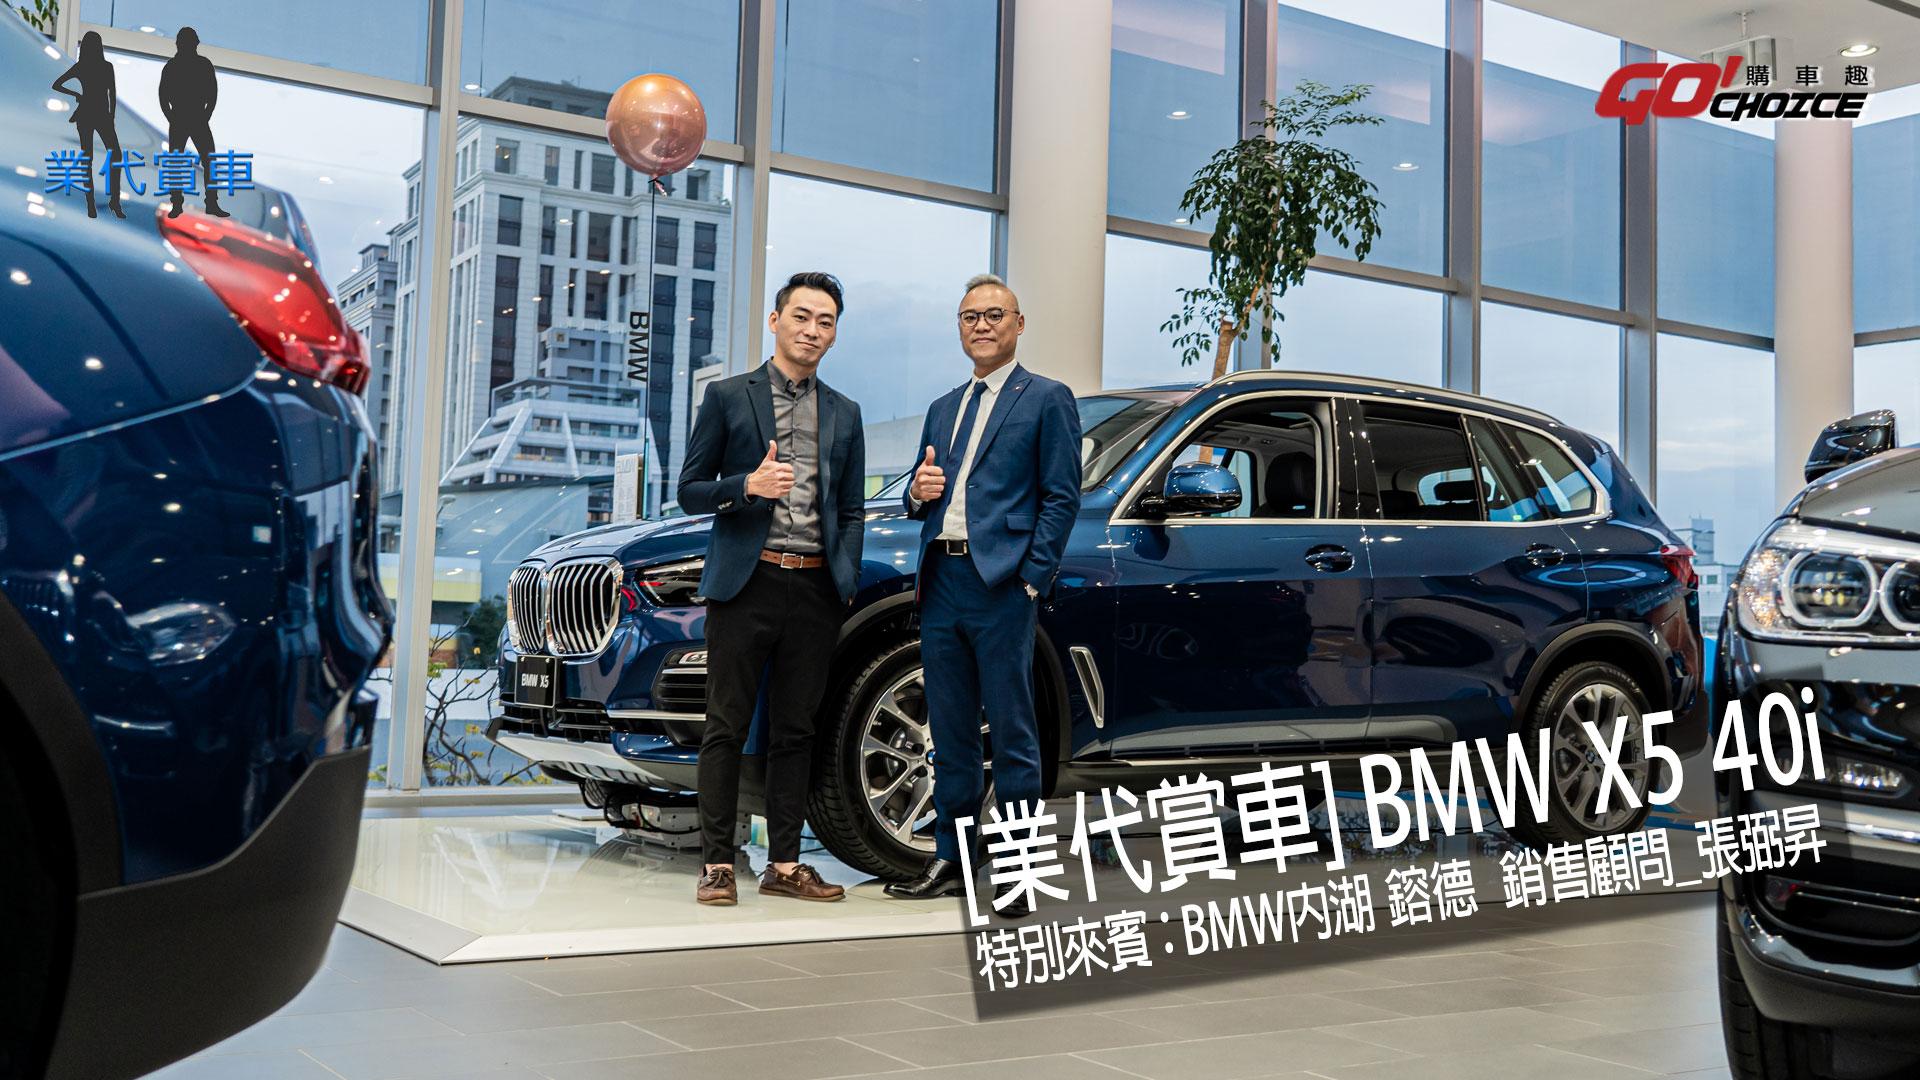 業代賞車-全新世代的BMW X5豪華休旅車_BMW X5 40i 張弼昇